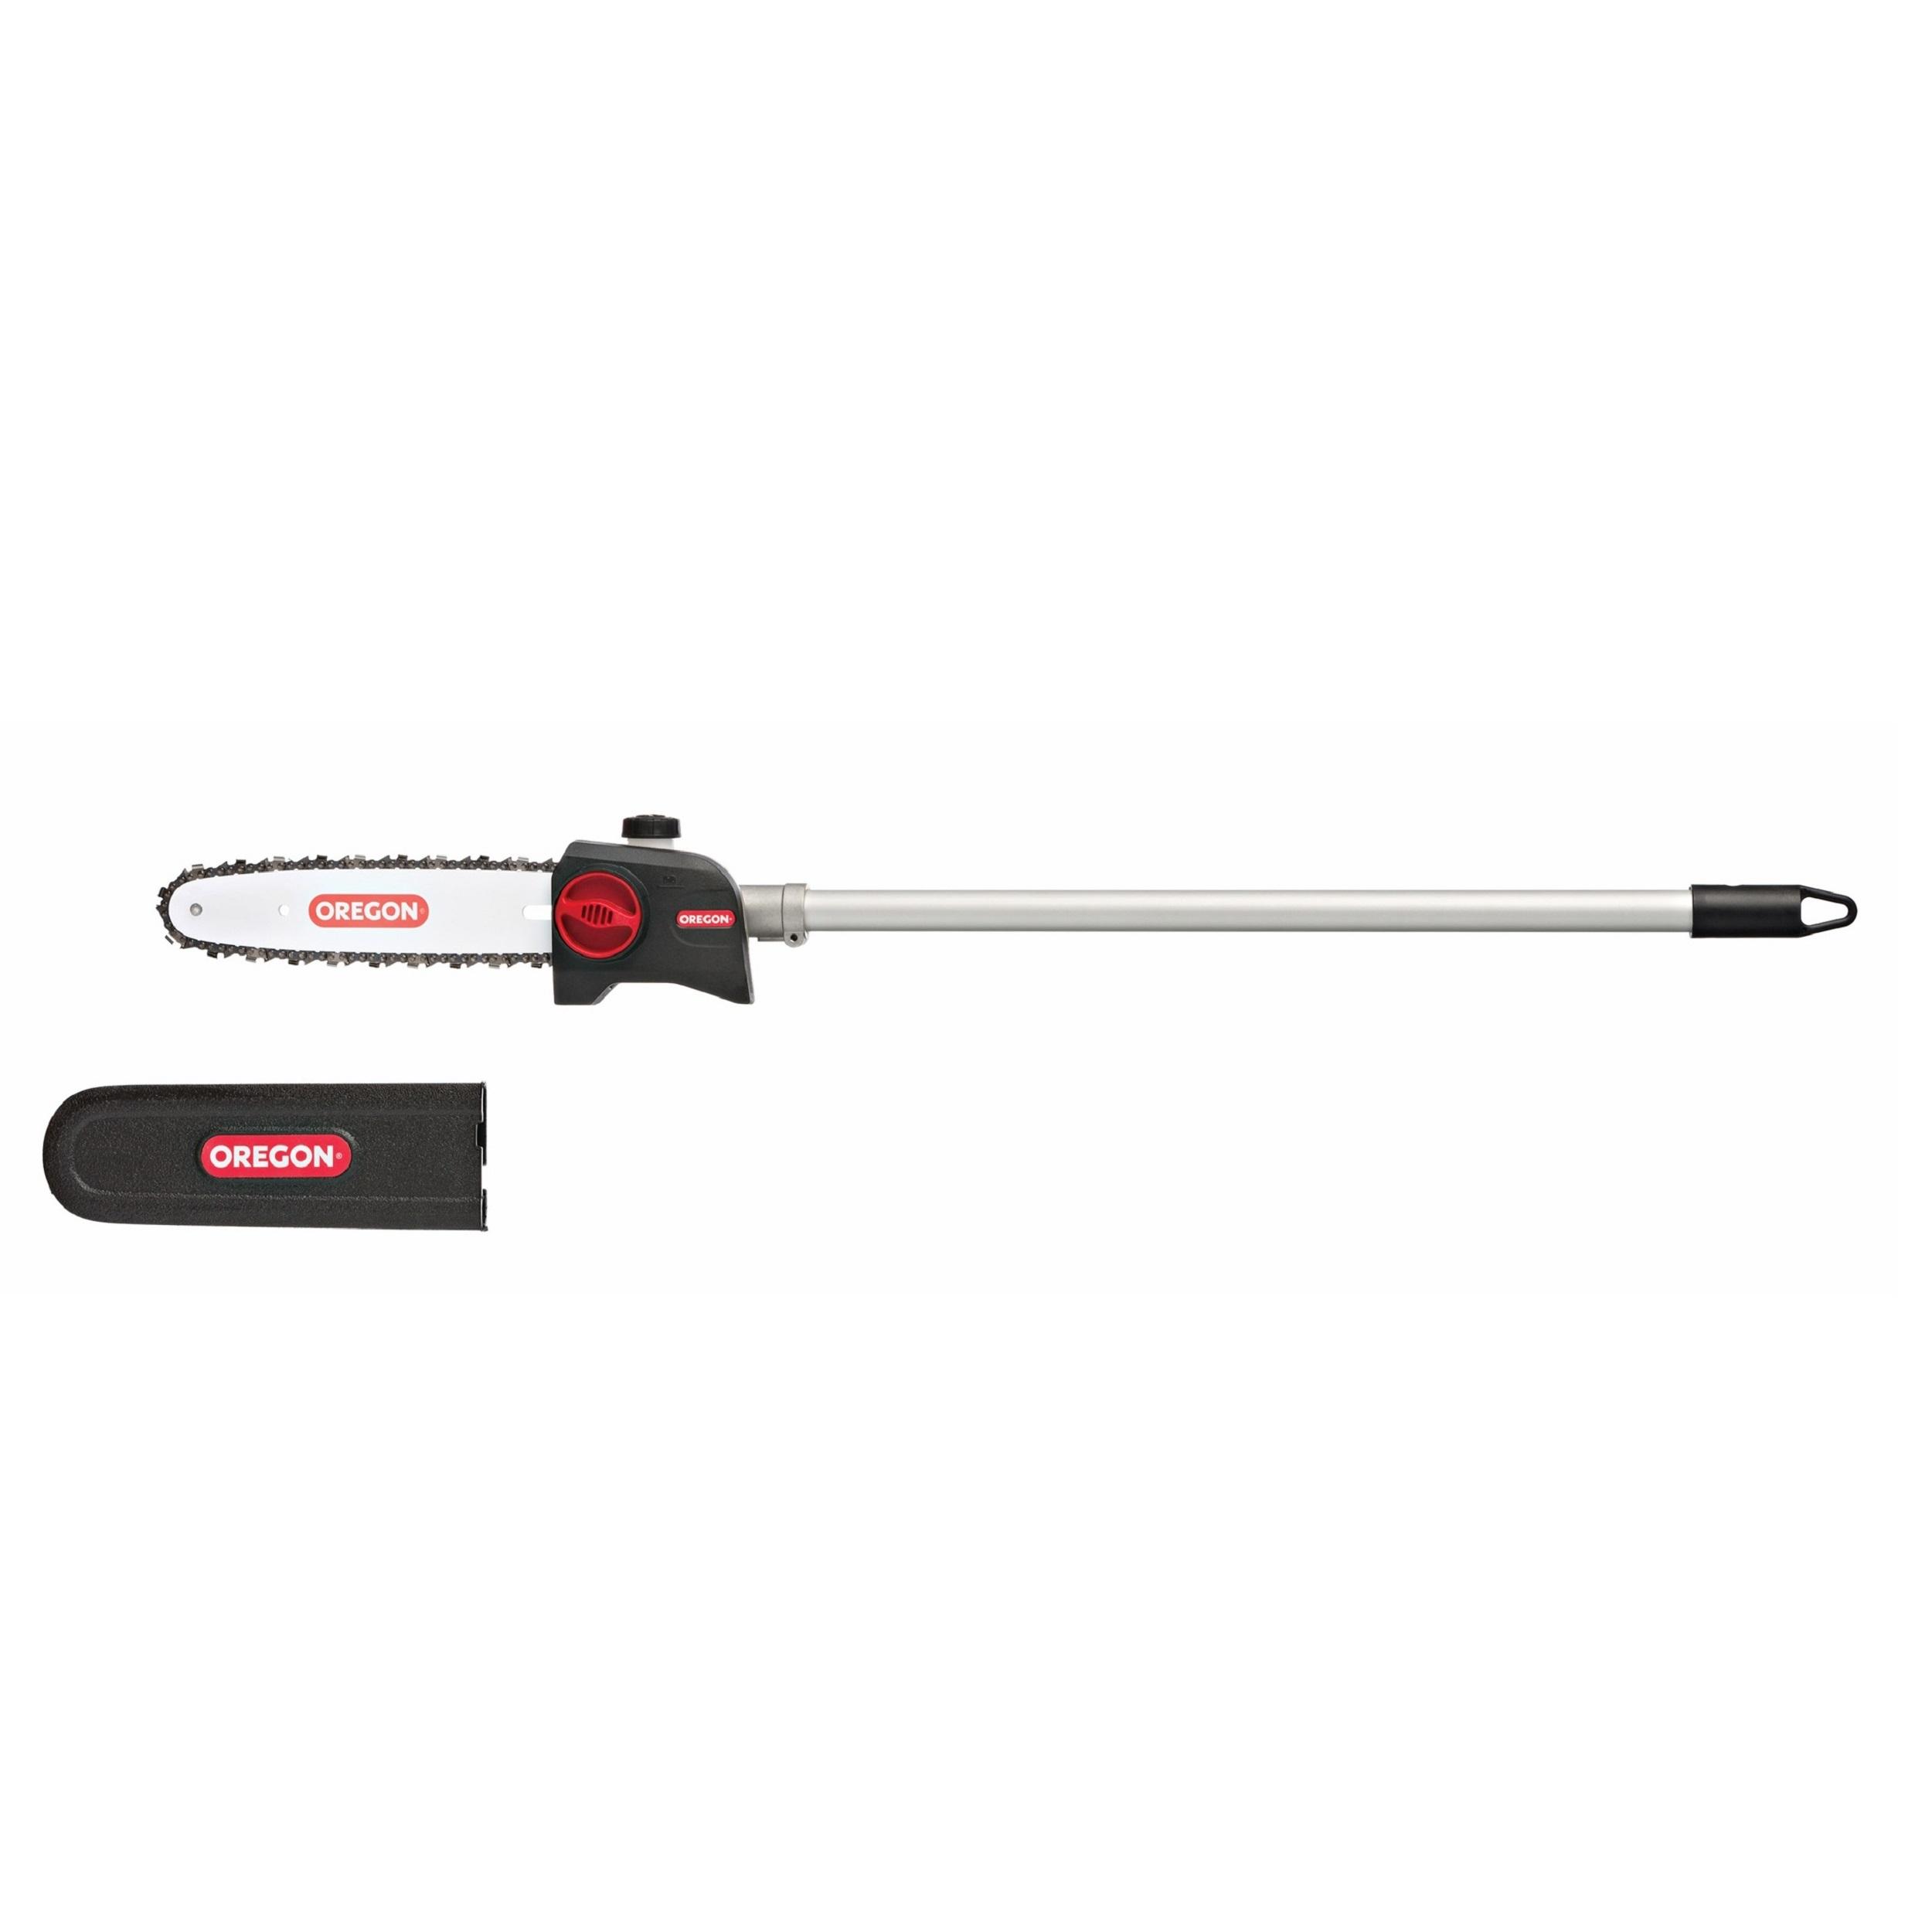 Kõrglõikur multitööriistale Oregon® 36V PS600 akuta ja laadijata, ainult lisa